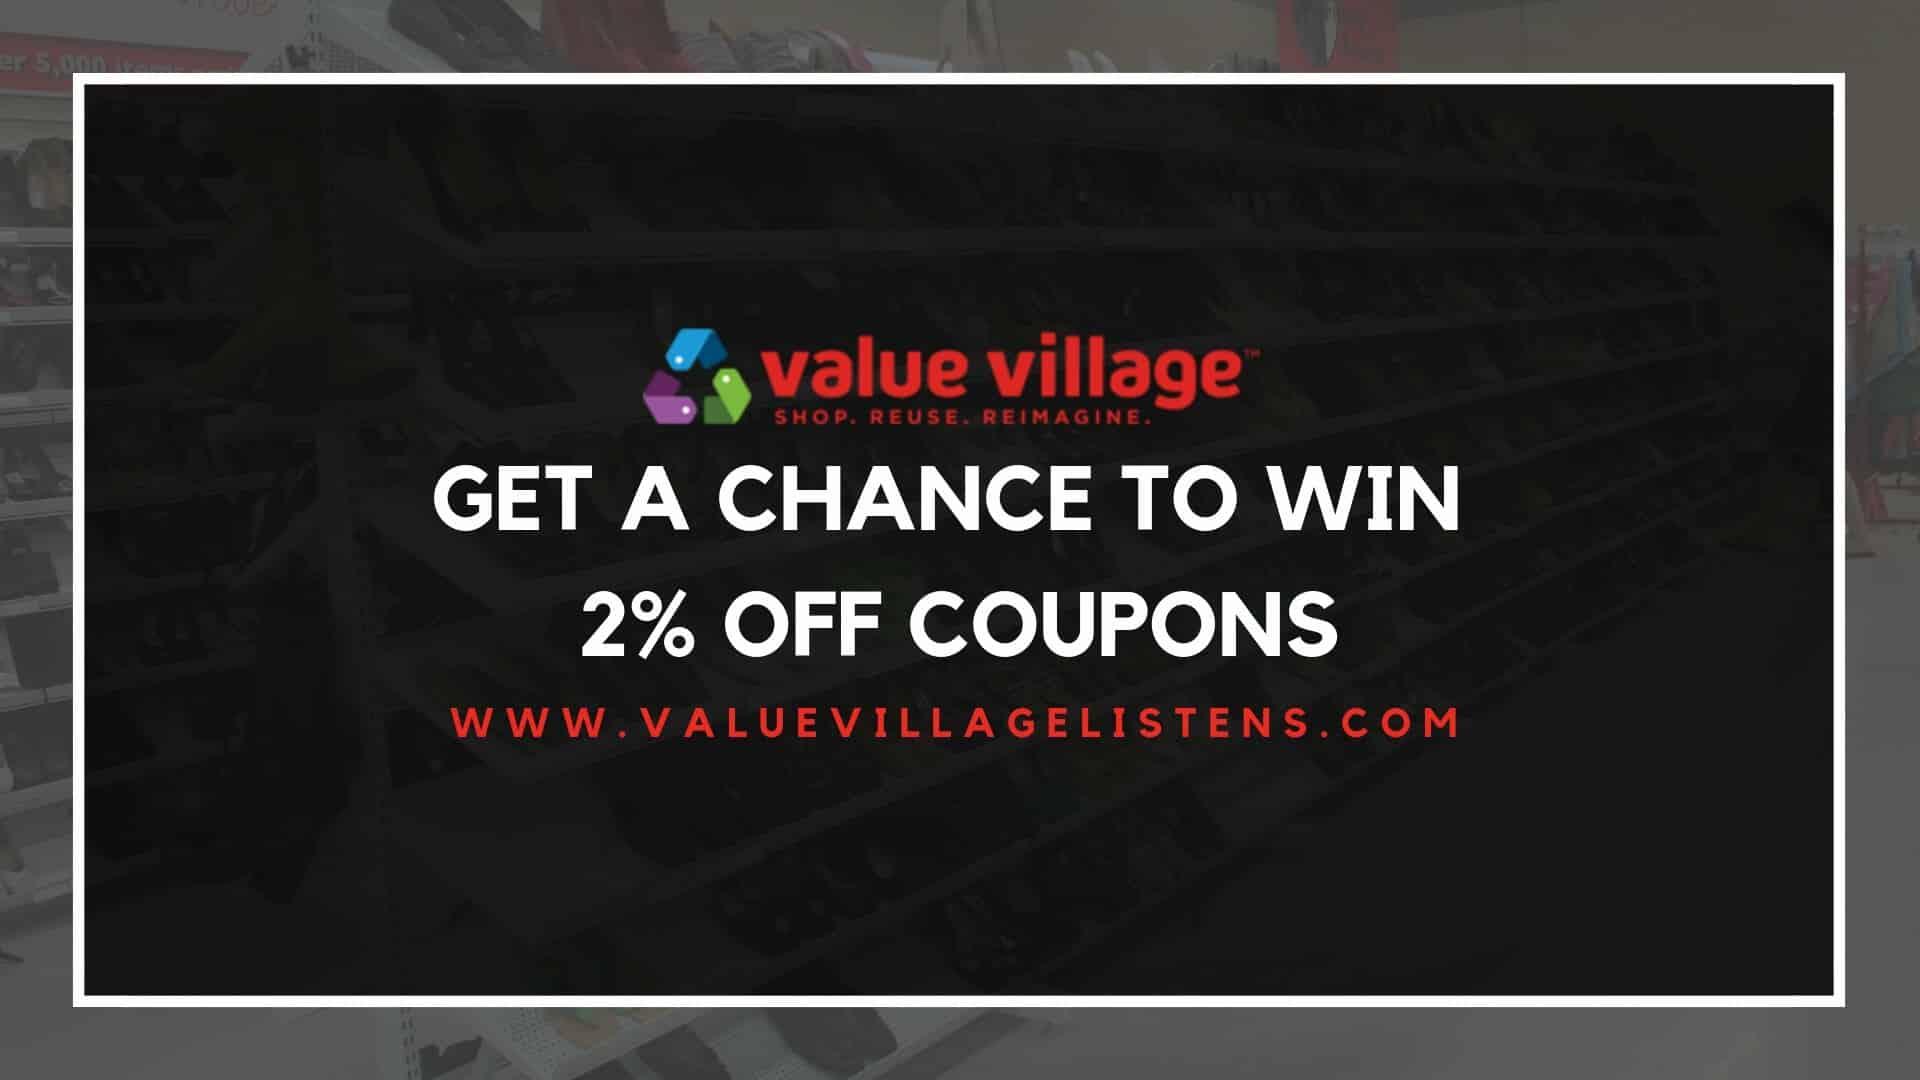 value village listens